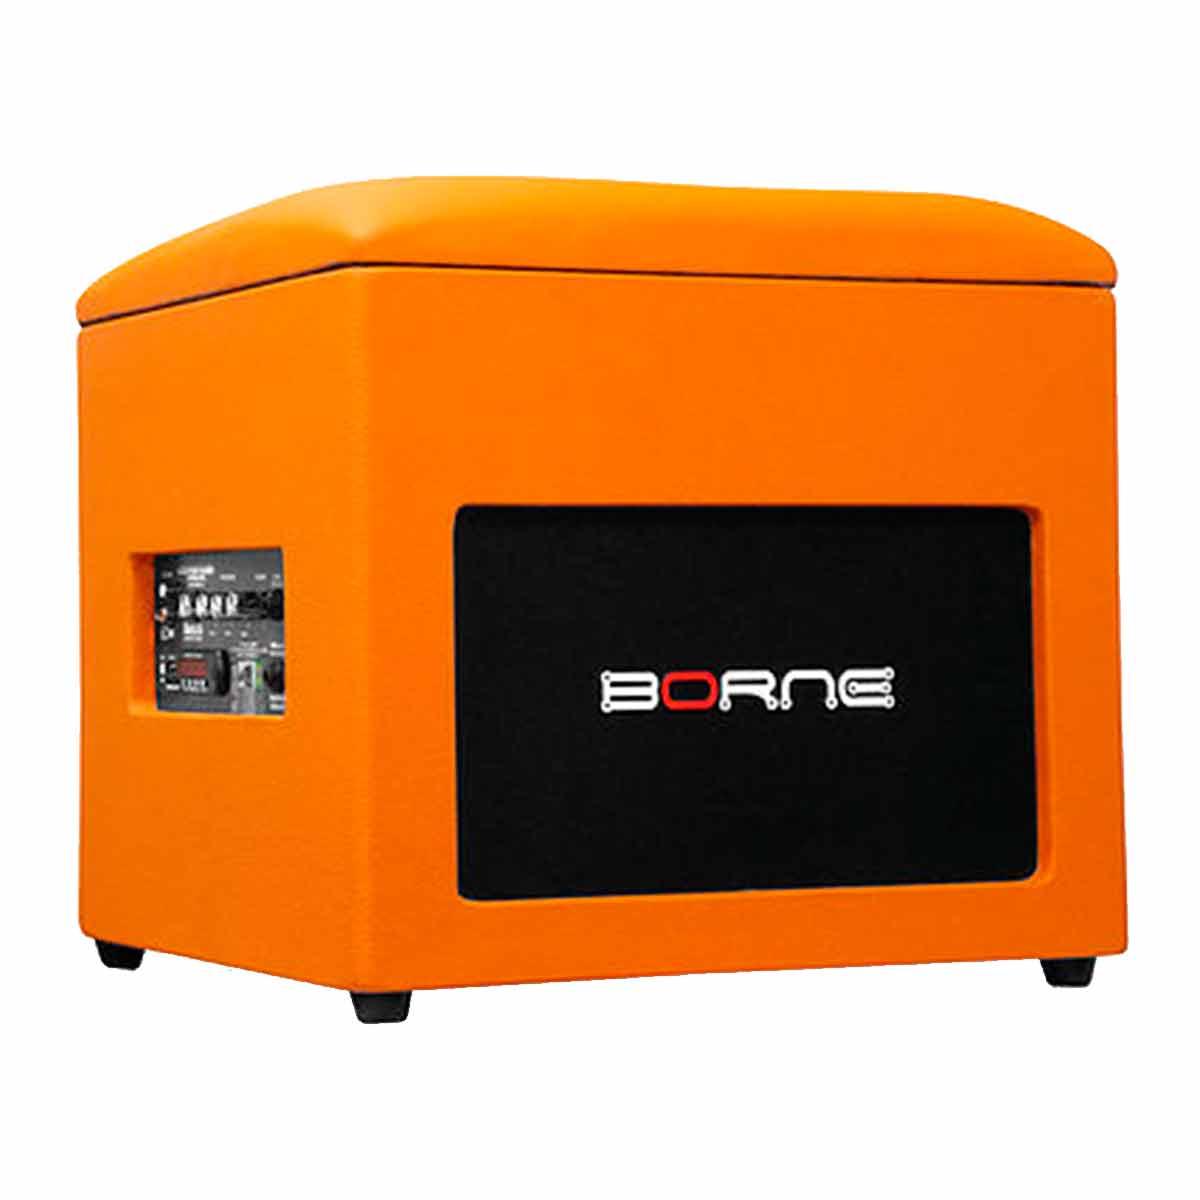 Caixa Ativa c/ Bluetooth e USB Lounge Cube Laranja - Borne